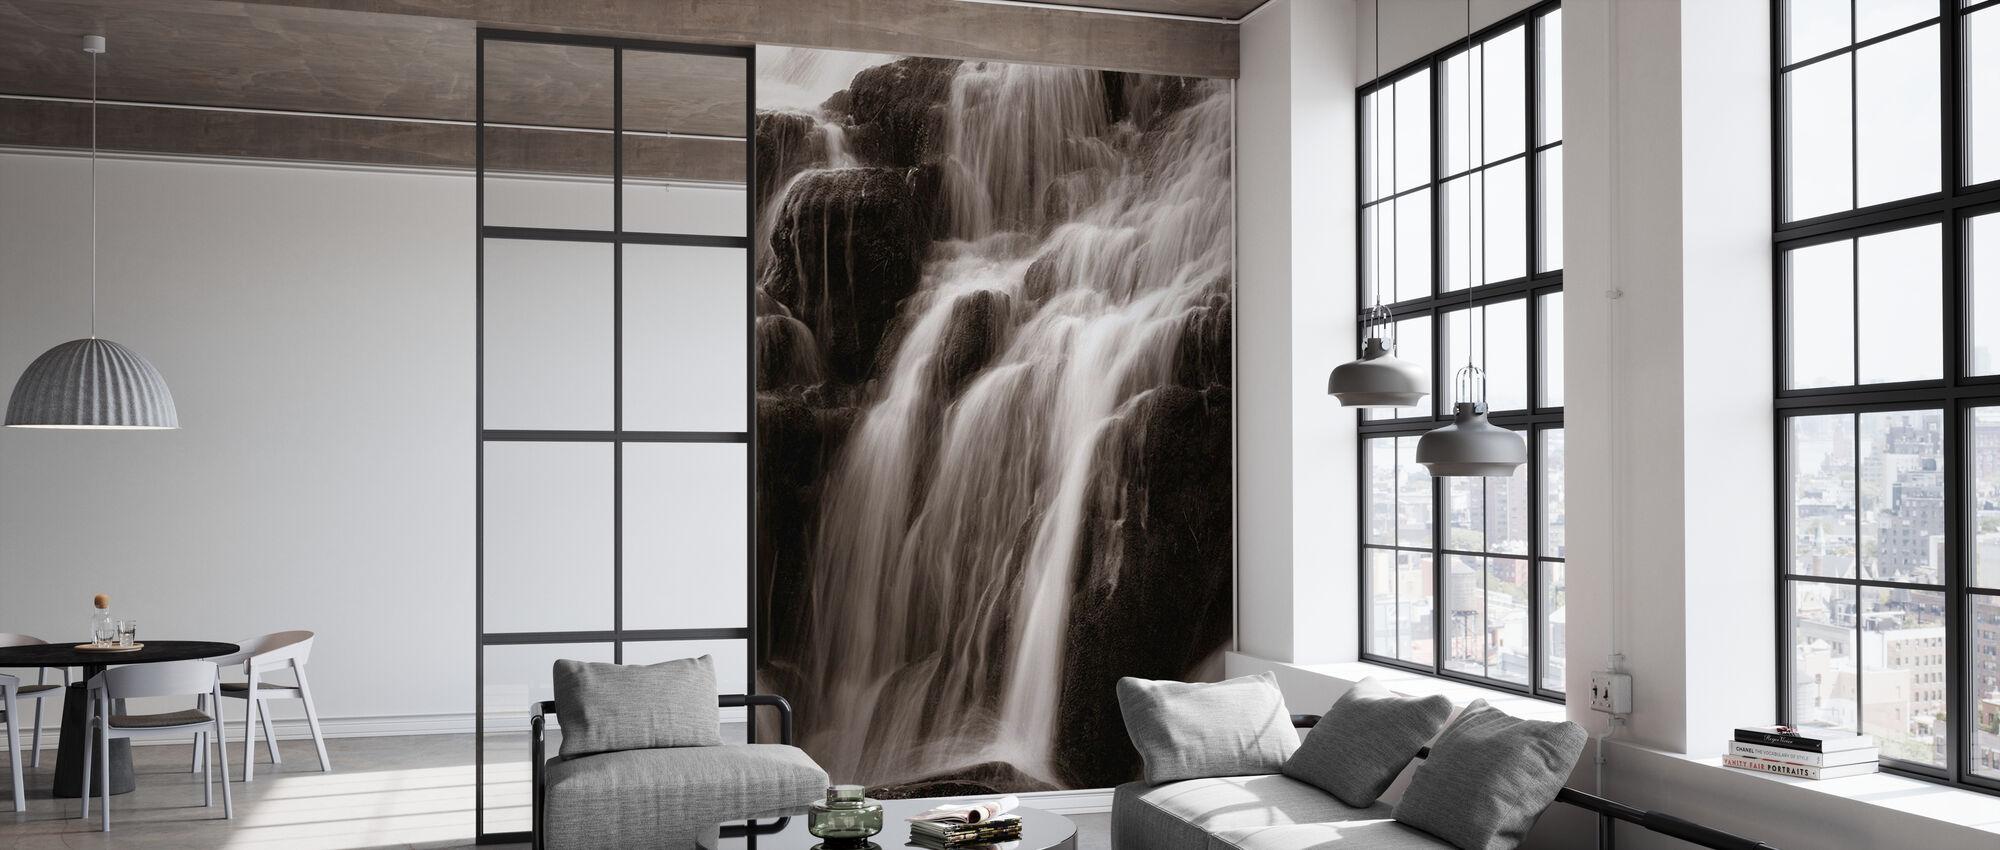 Waterfall - Wallpaper - Office